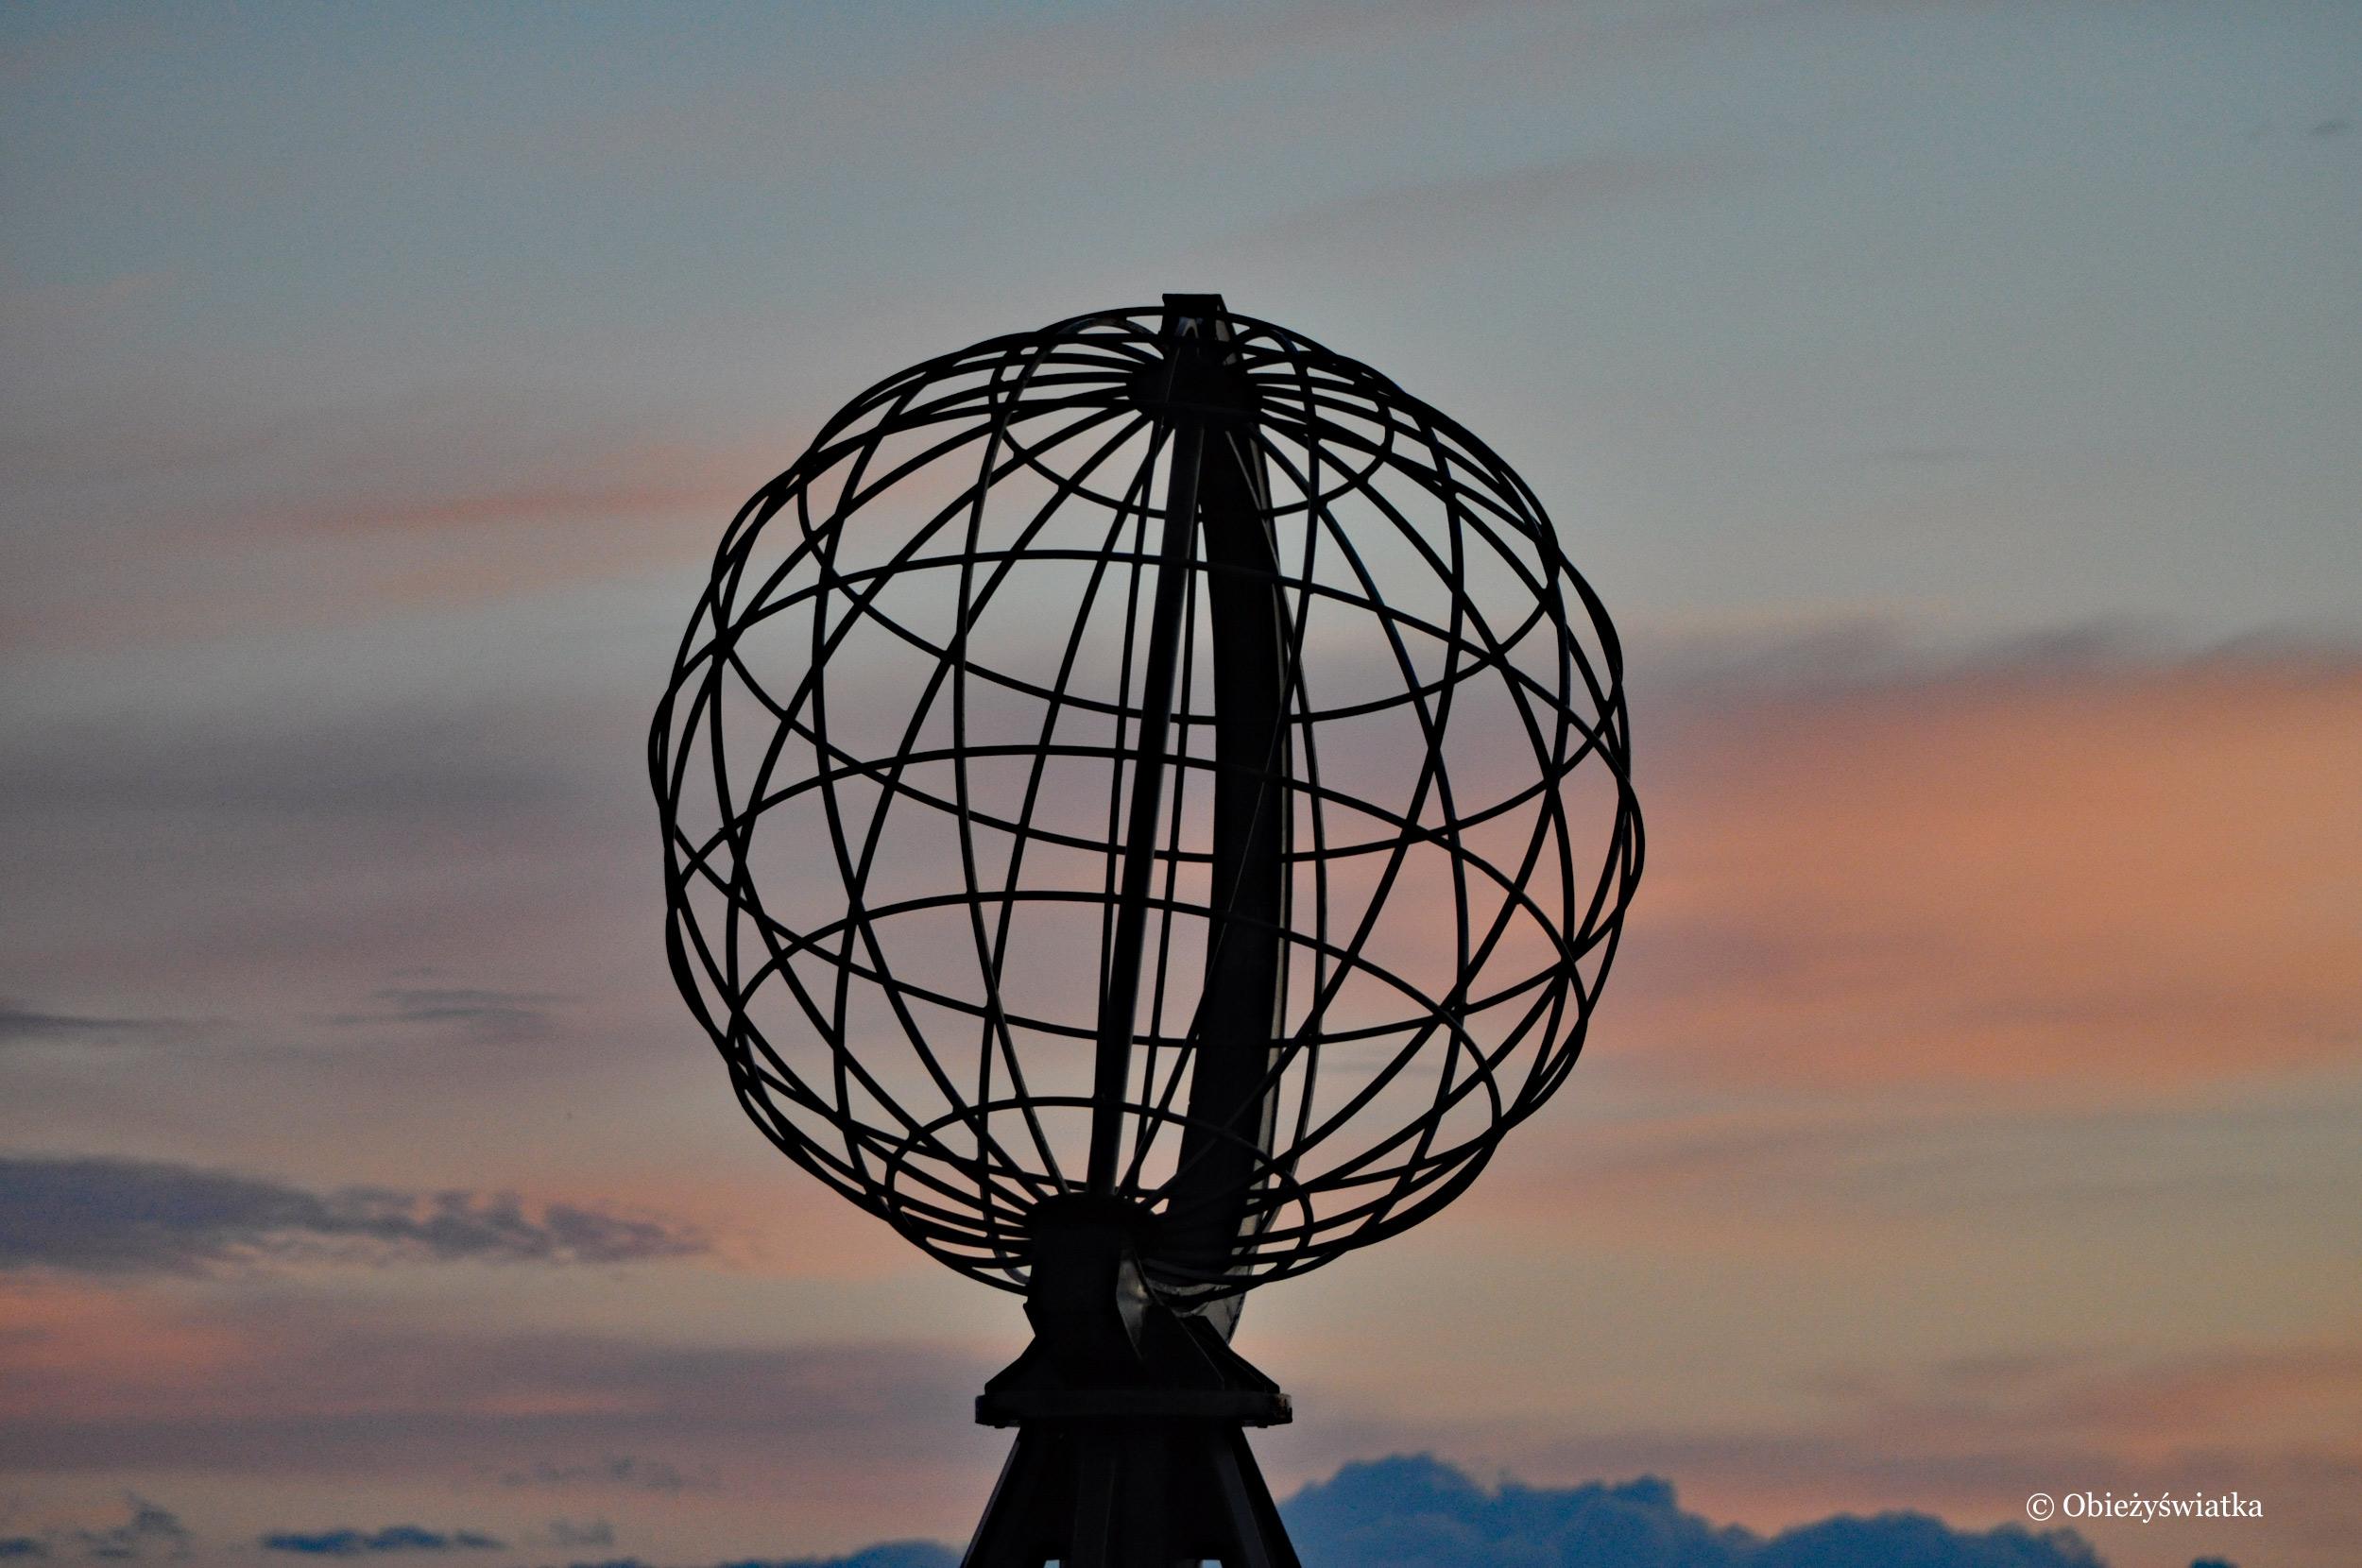 Globus i zachód słońca, Nordkapp / Przylądek Północny, Norwegia